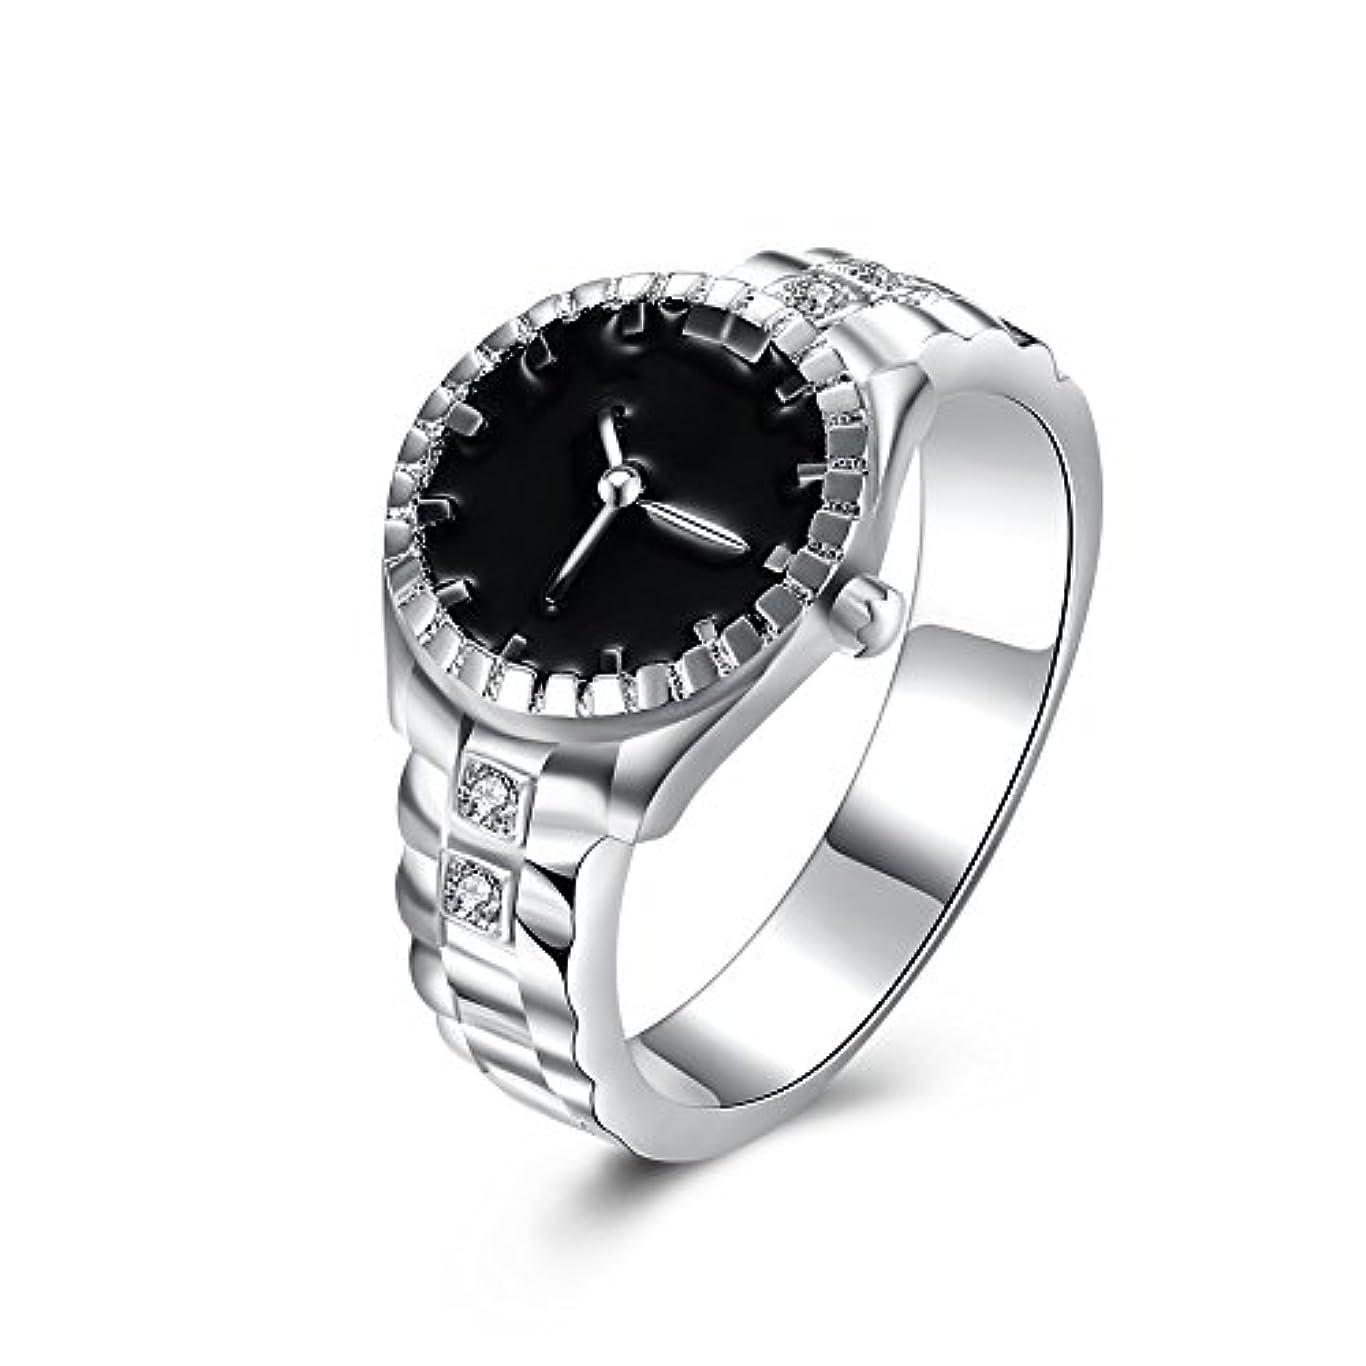 交じるカーテンキノコ925スターリングシルバーメッキ時計型ダイヤモンドリングファッションジュエリー周年記念ギフト (マルチカラー)